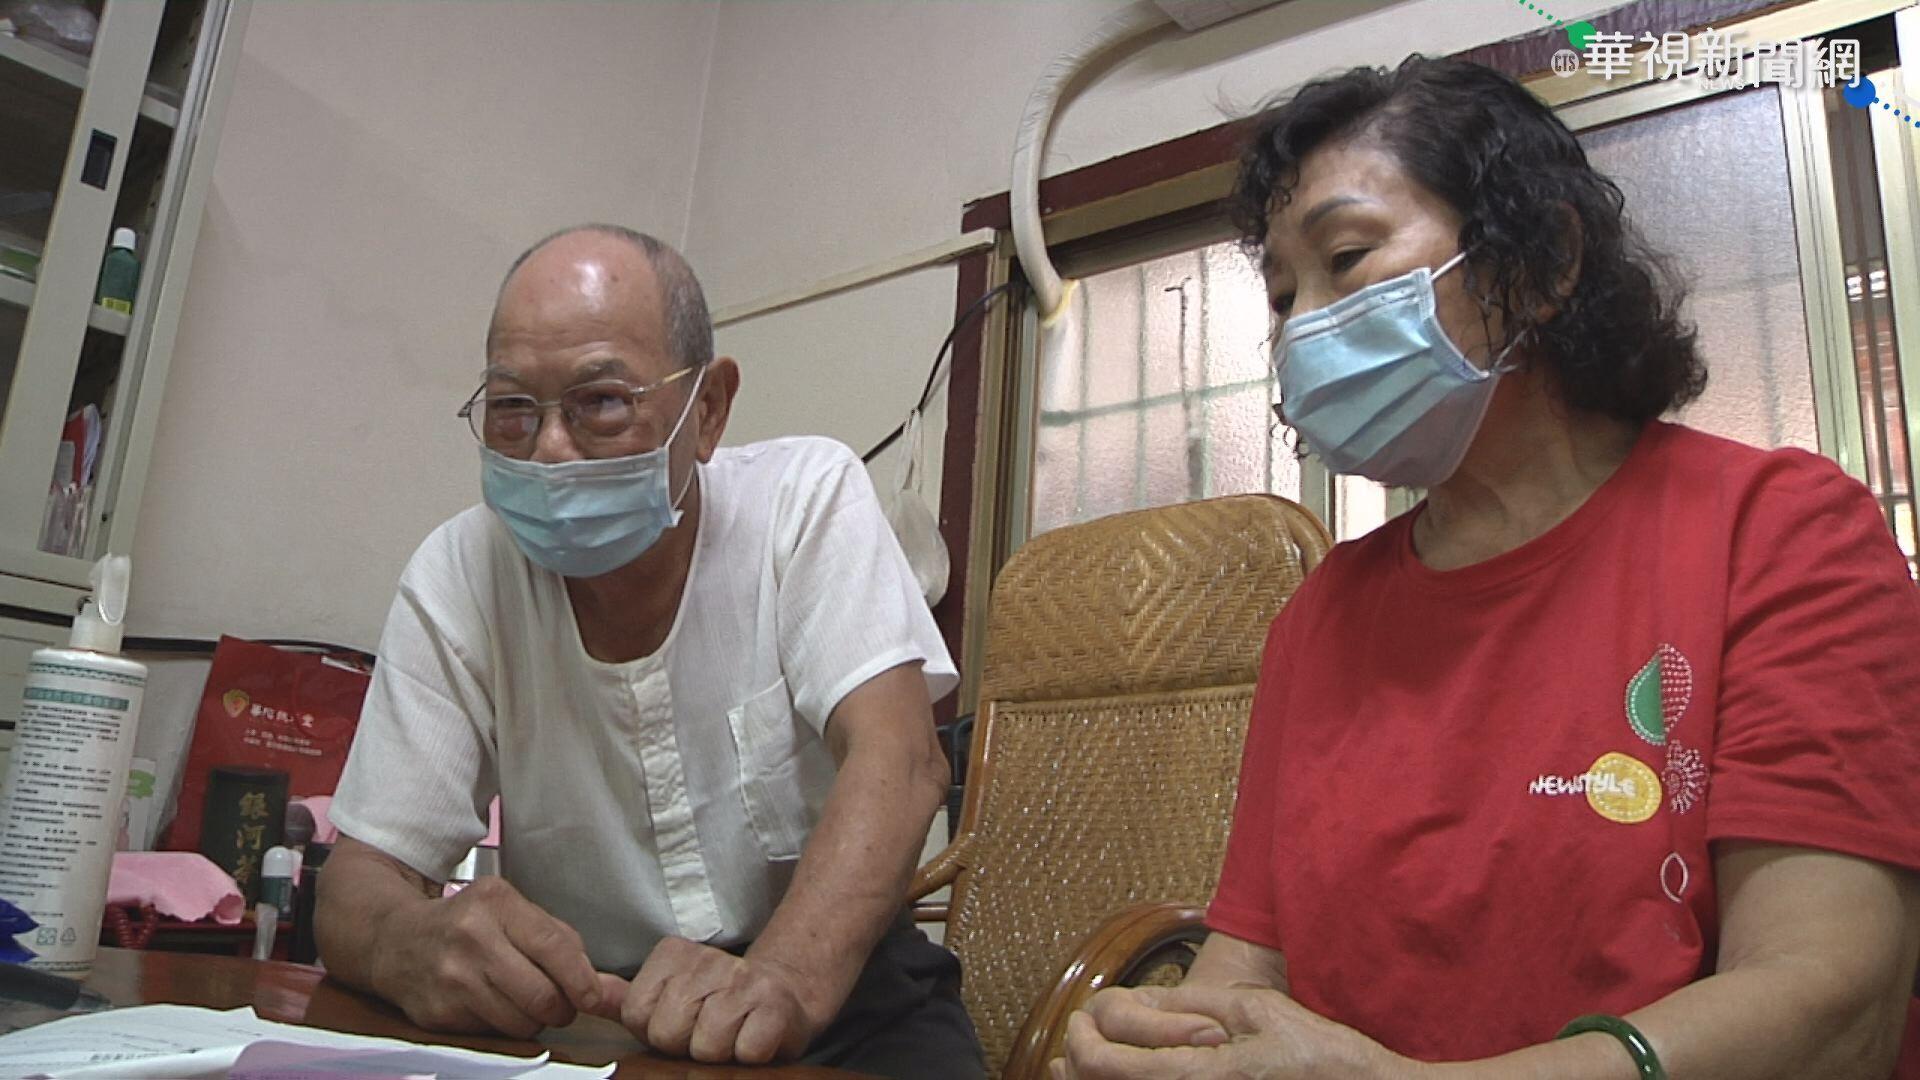 擔心副作用 90歲阿公不願打疫苗